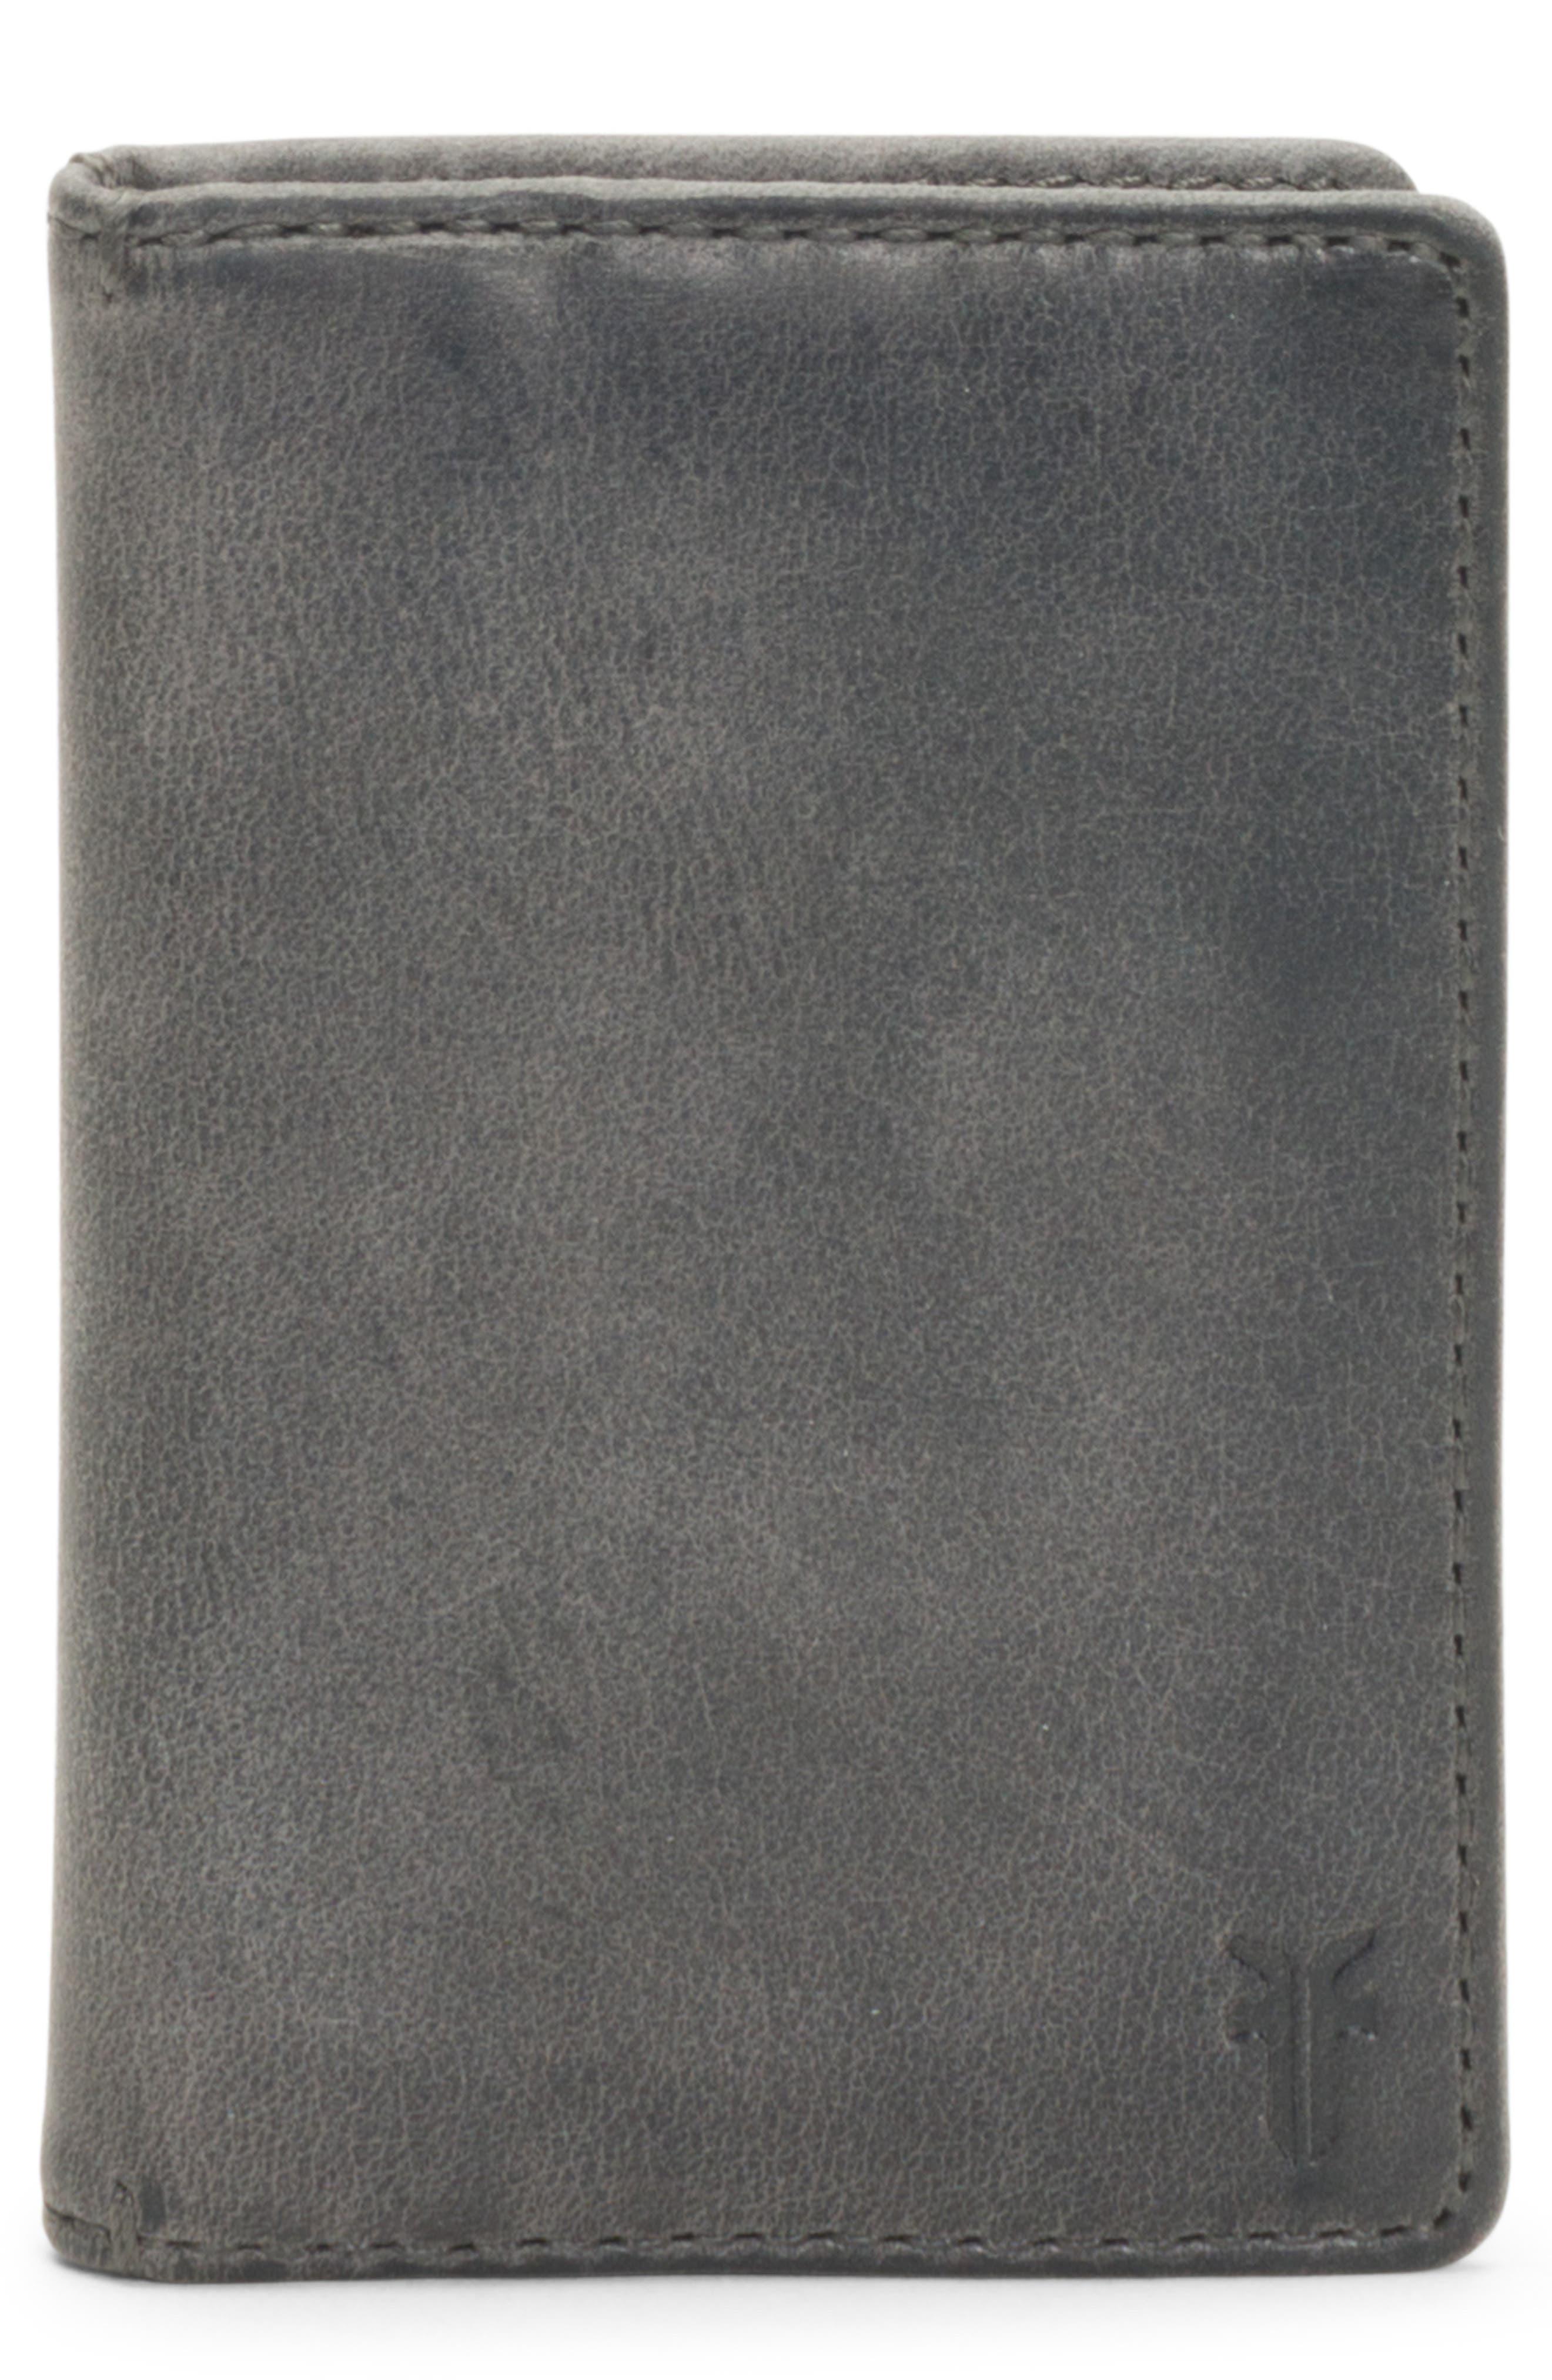 Oliver Leather Wallet,                         Main,                         color, SLATE